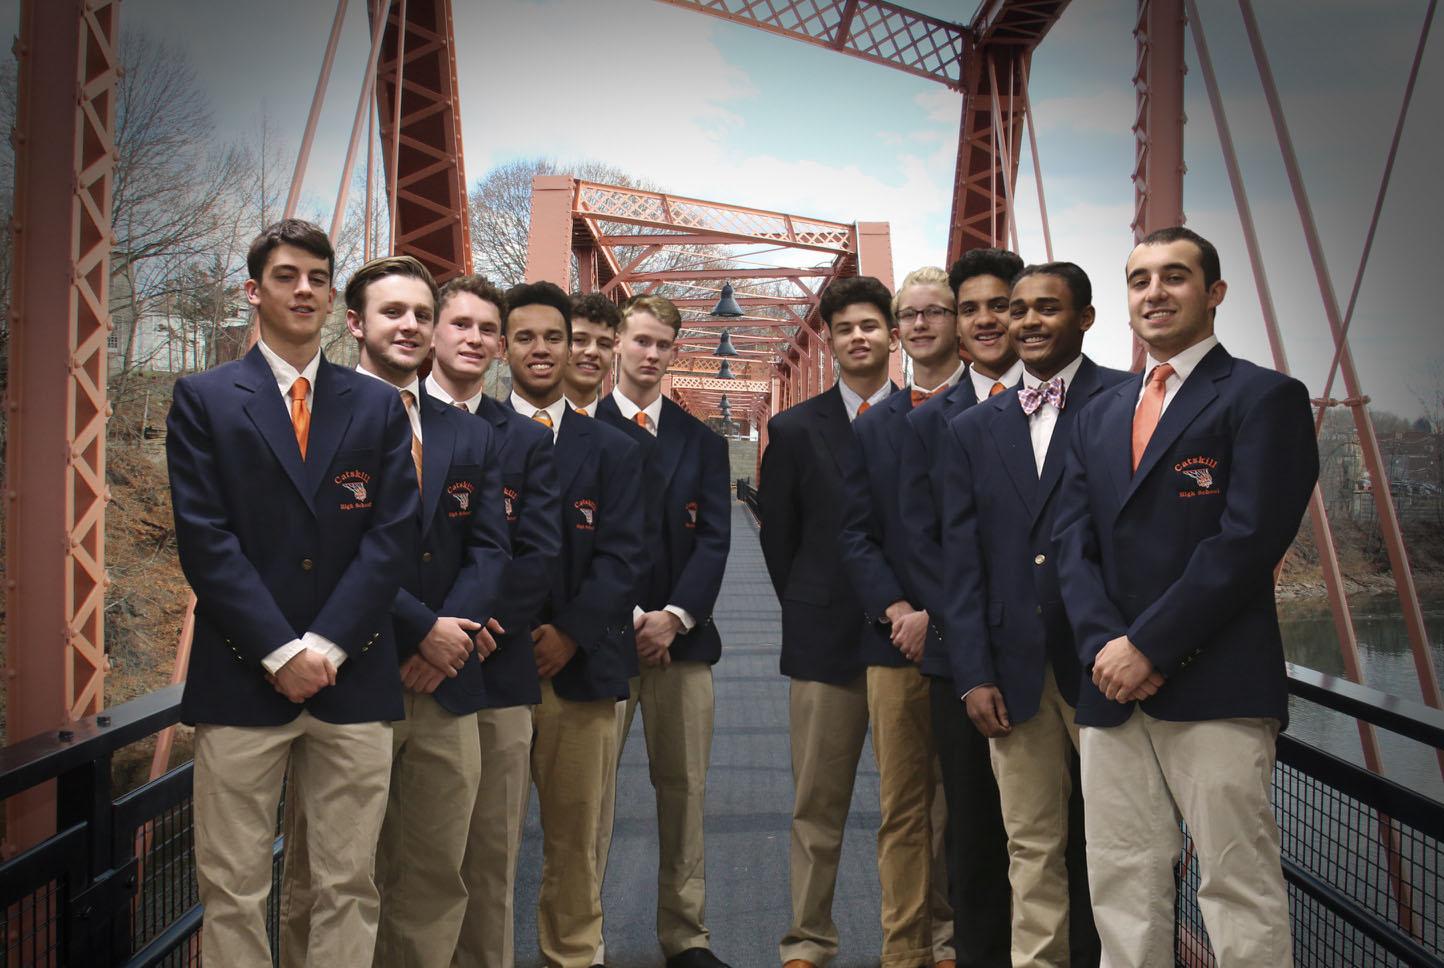 Catskill High School boys varsity basketball team